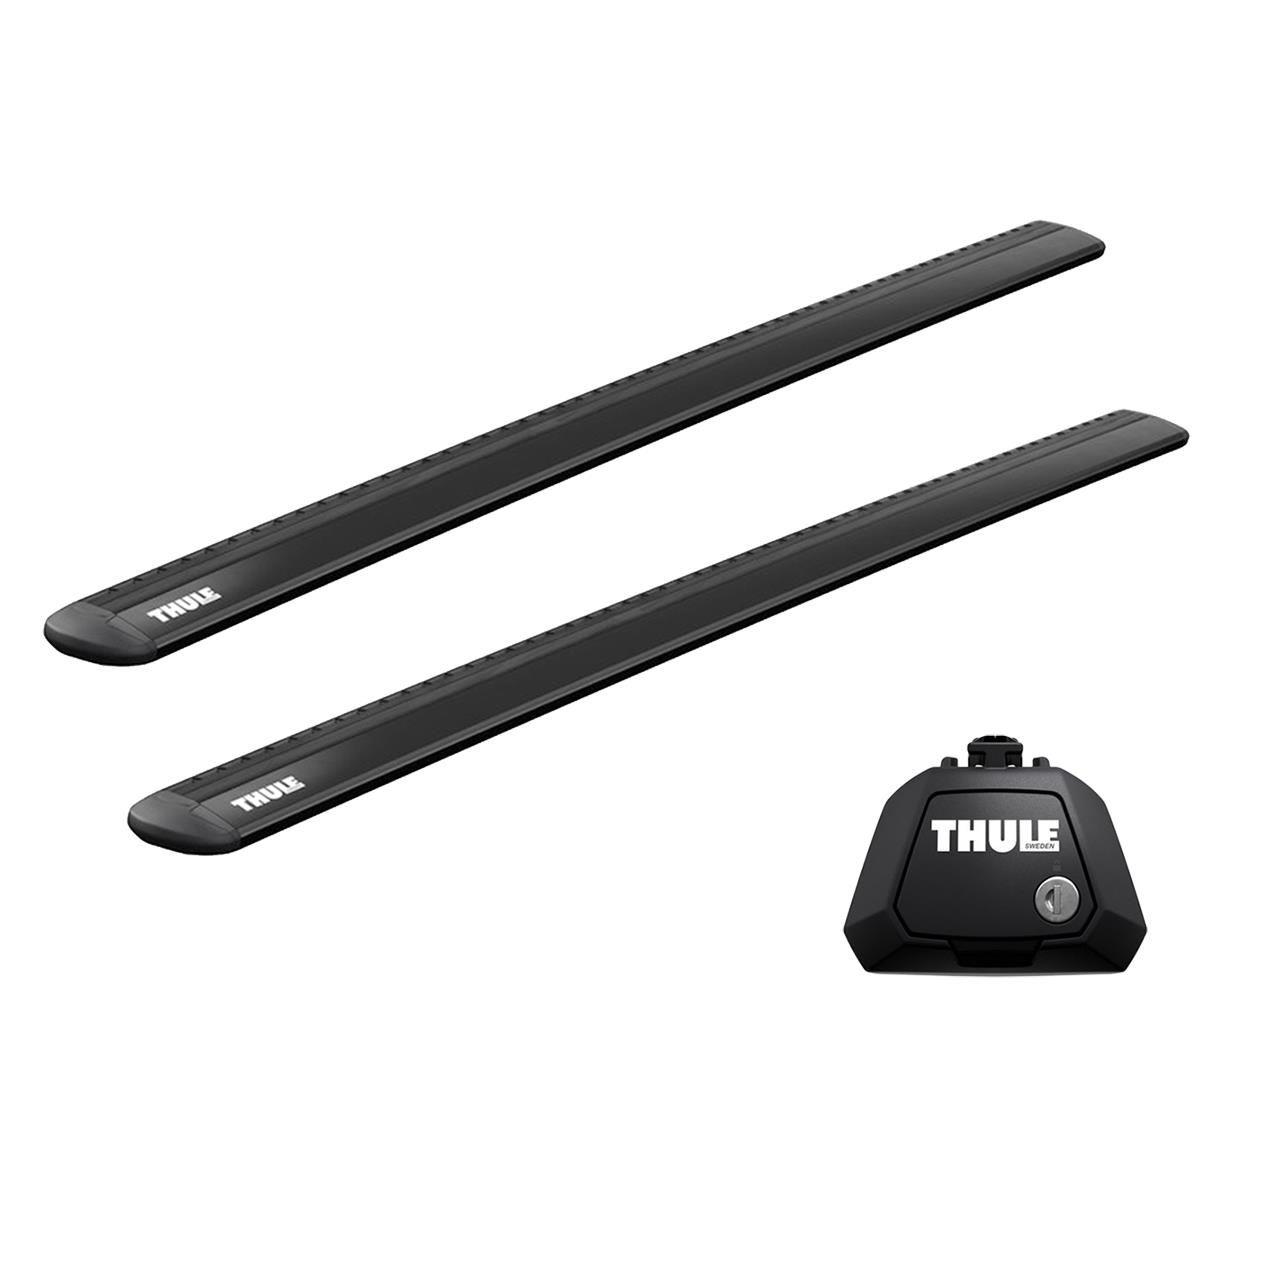 Напречни греди Thule Evo Raised Rail WingBar Evo 127cm в Черно за NISSAN Qashqai 5 врати SUV 2014- с фабрични надлъжни греди с просвет 1